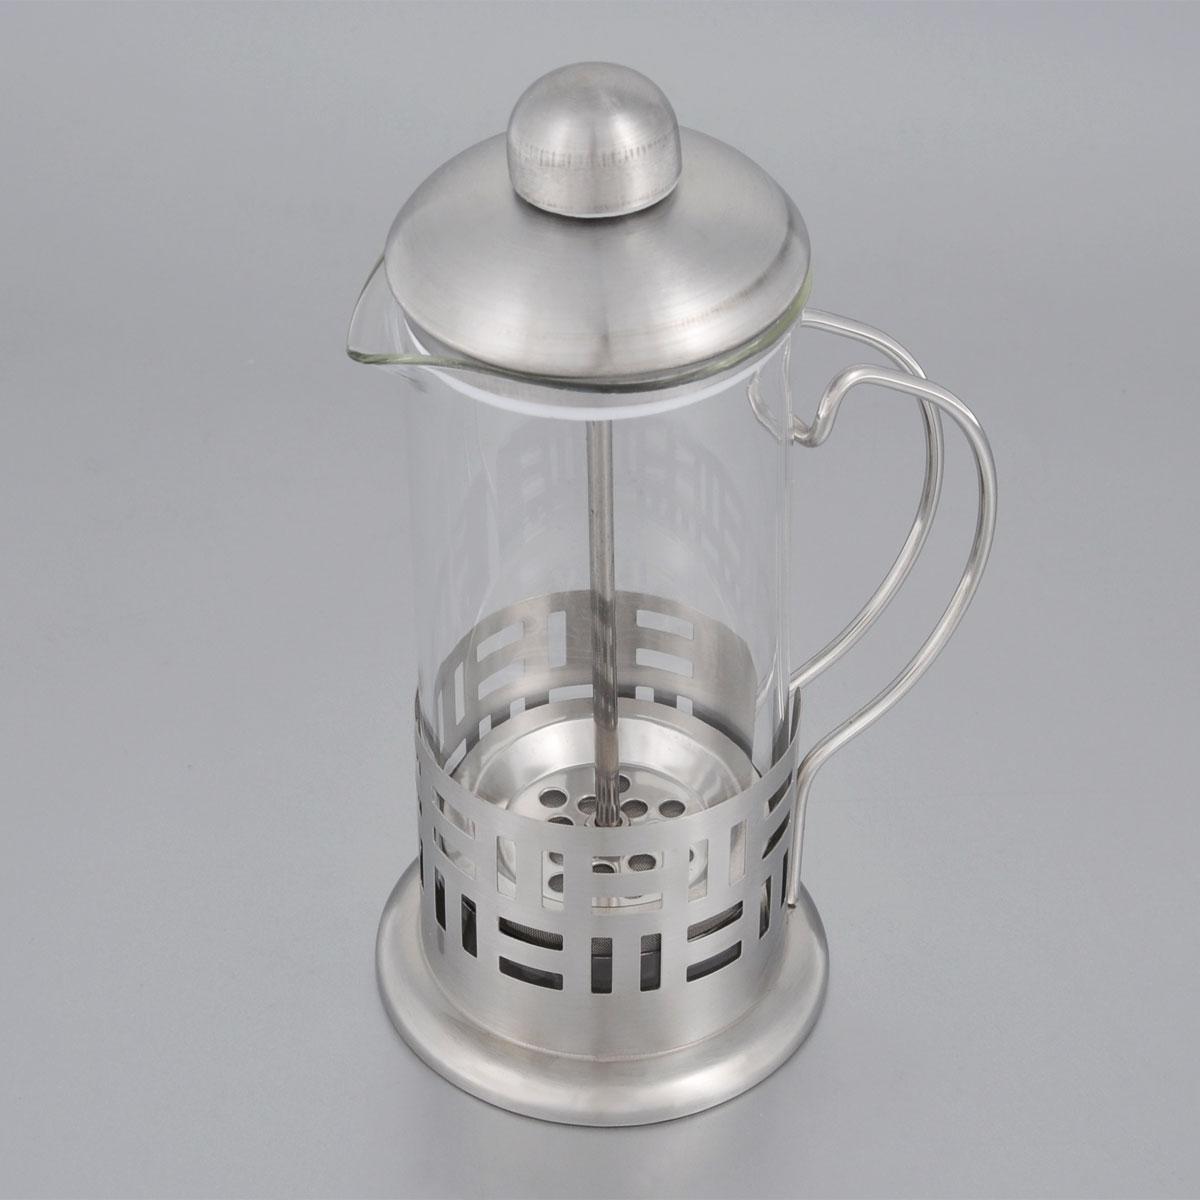 Френч-пресс Bohmann, 350 мл. 9535BH9535BHФренч-пресс Bohmann используется для заваривания крупнолистового чая, кофе среднего помола, травяных сборов. Изготовлен из высококачественной нержавеющей стали и термостойкого стекла, выдерживающего высокую температуру, что придает ему надежность и долговечность.Френч-пресс Bohmann незаменим для любителей чая и кофе. Можно мыть в посудомоечной машине. Объем: 350 мл. Высота (с учетом крышки): 18 см. Диаметр (по верхнему краю): 7,5 см.